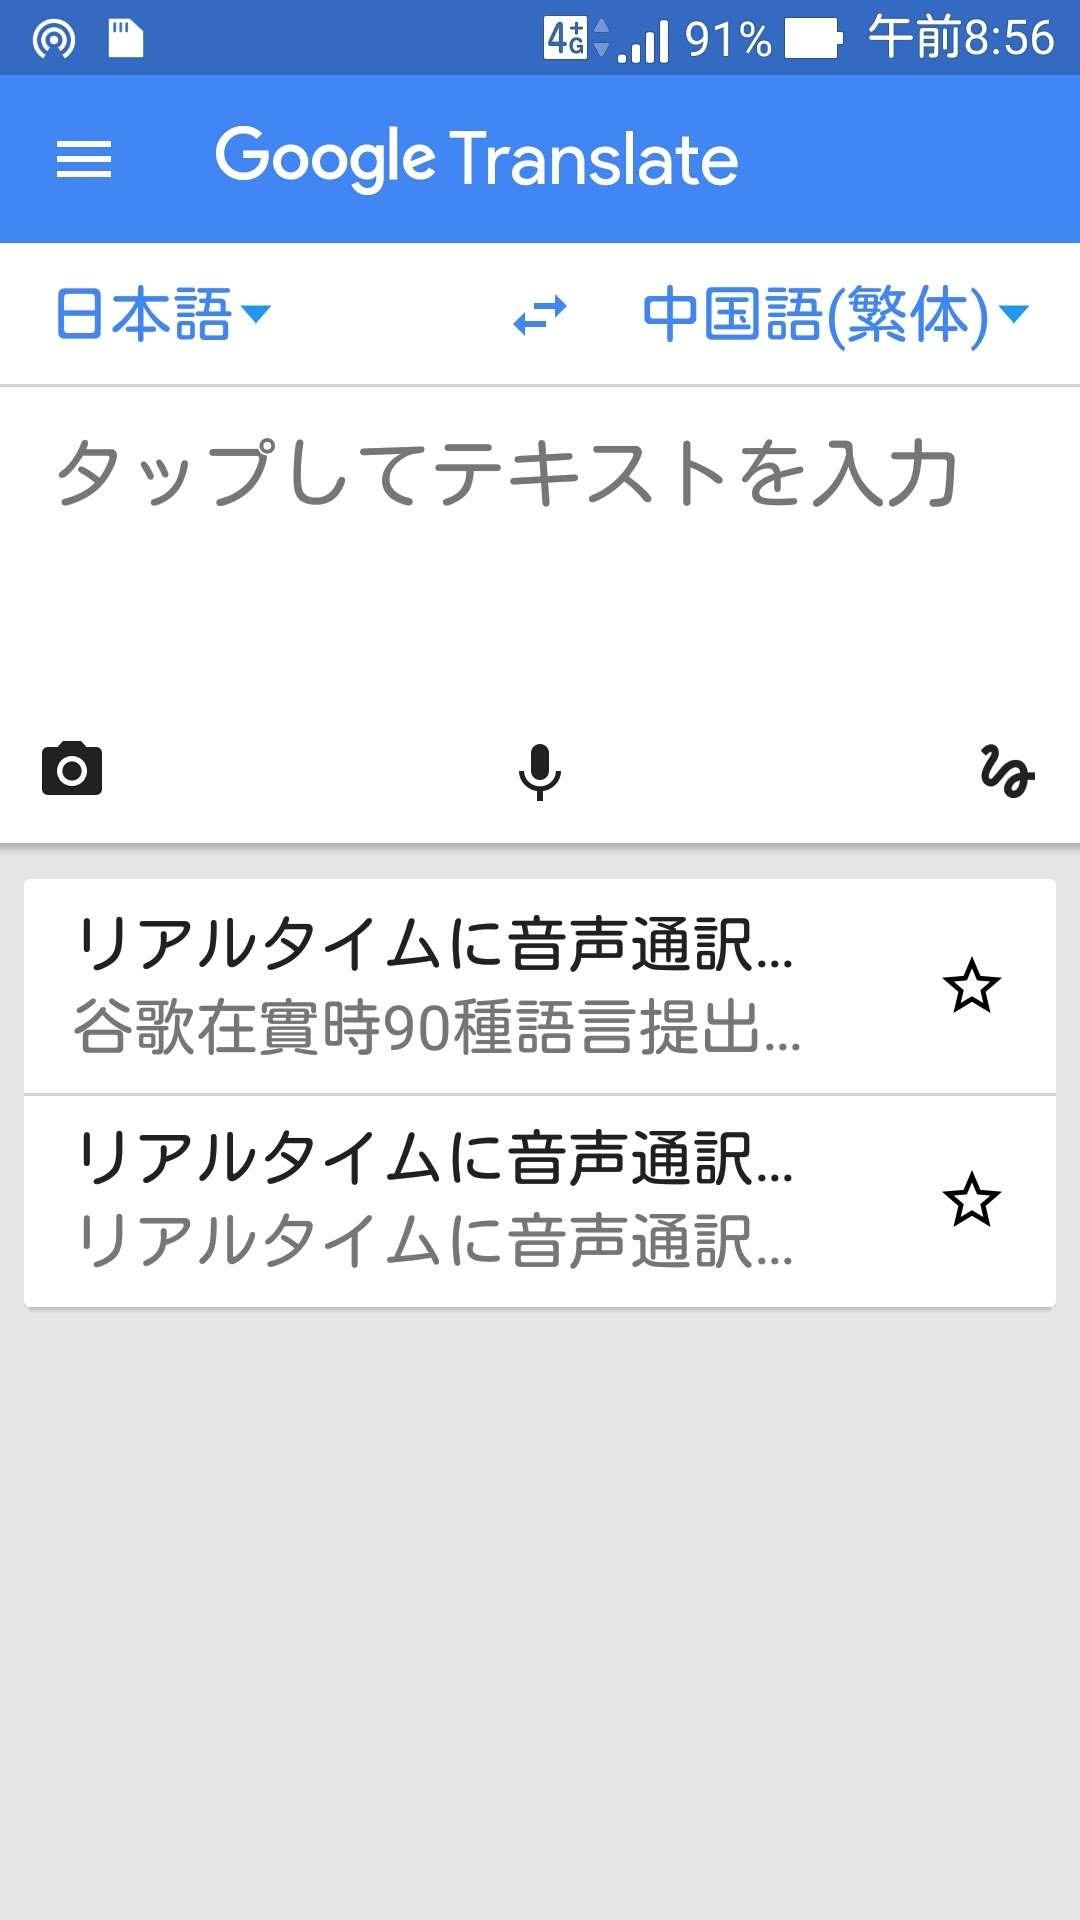 Google_001.jpg